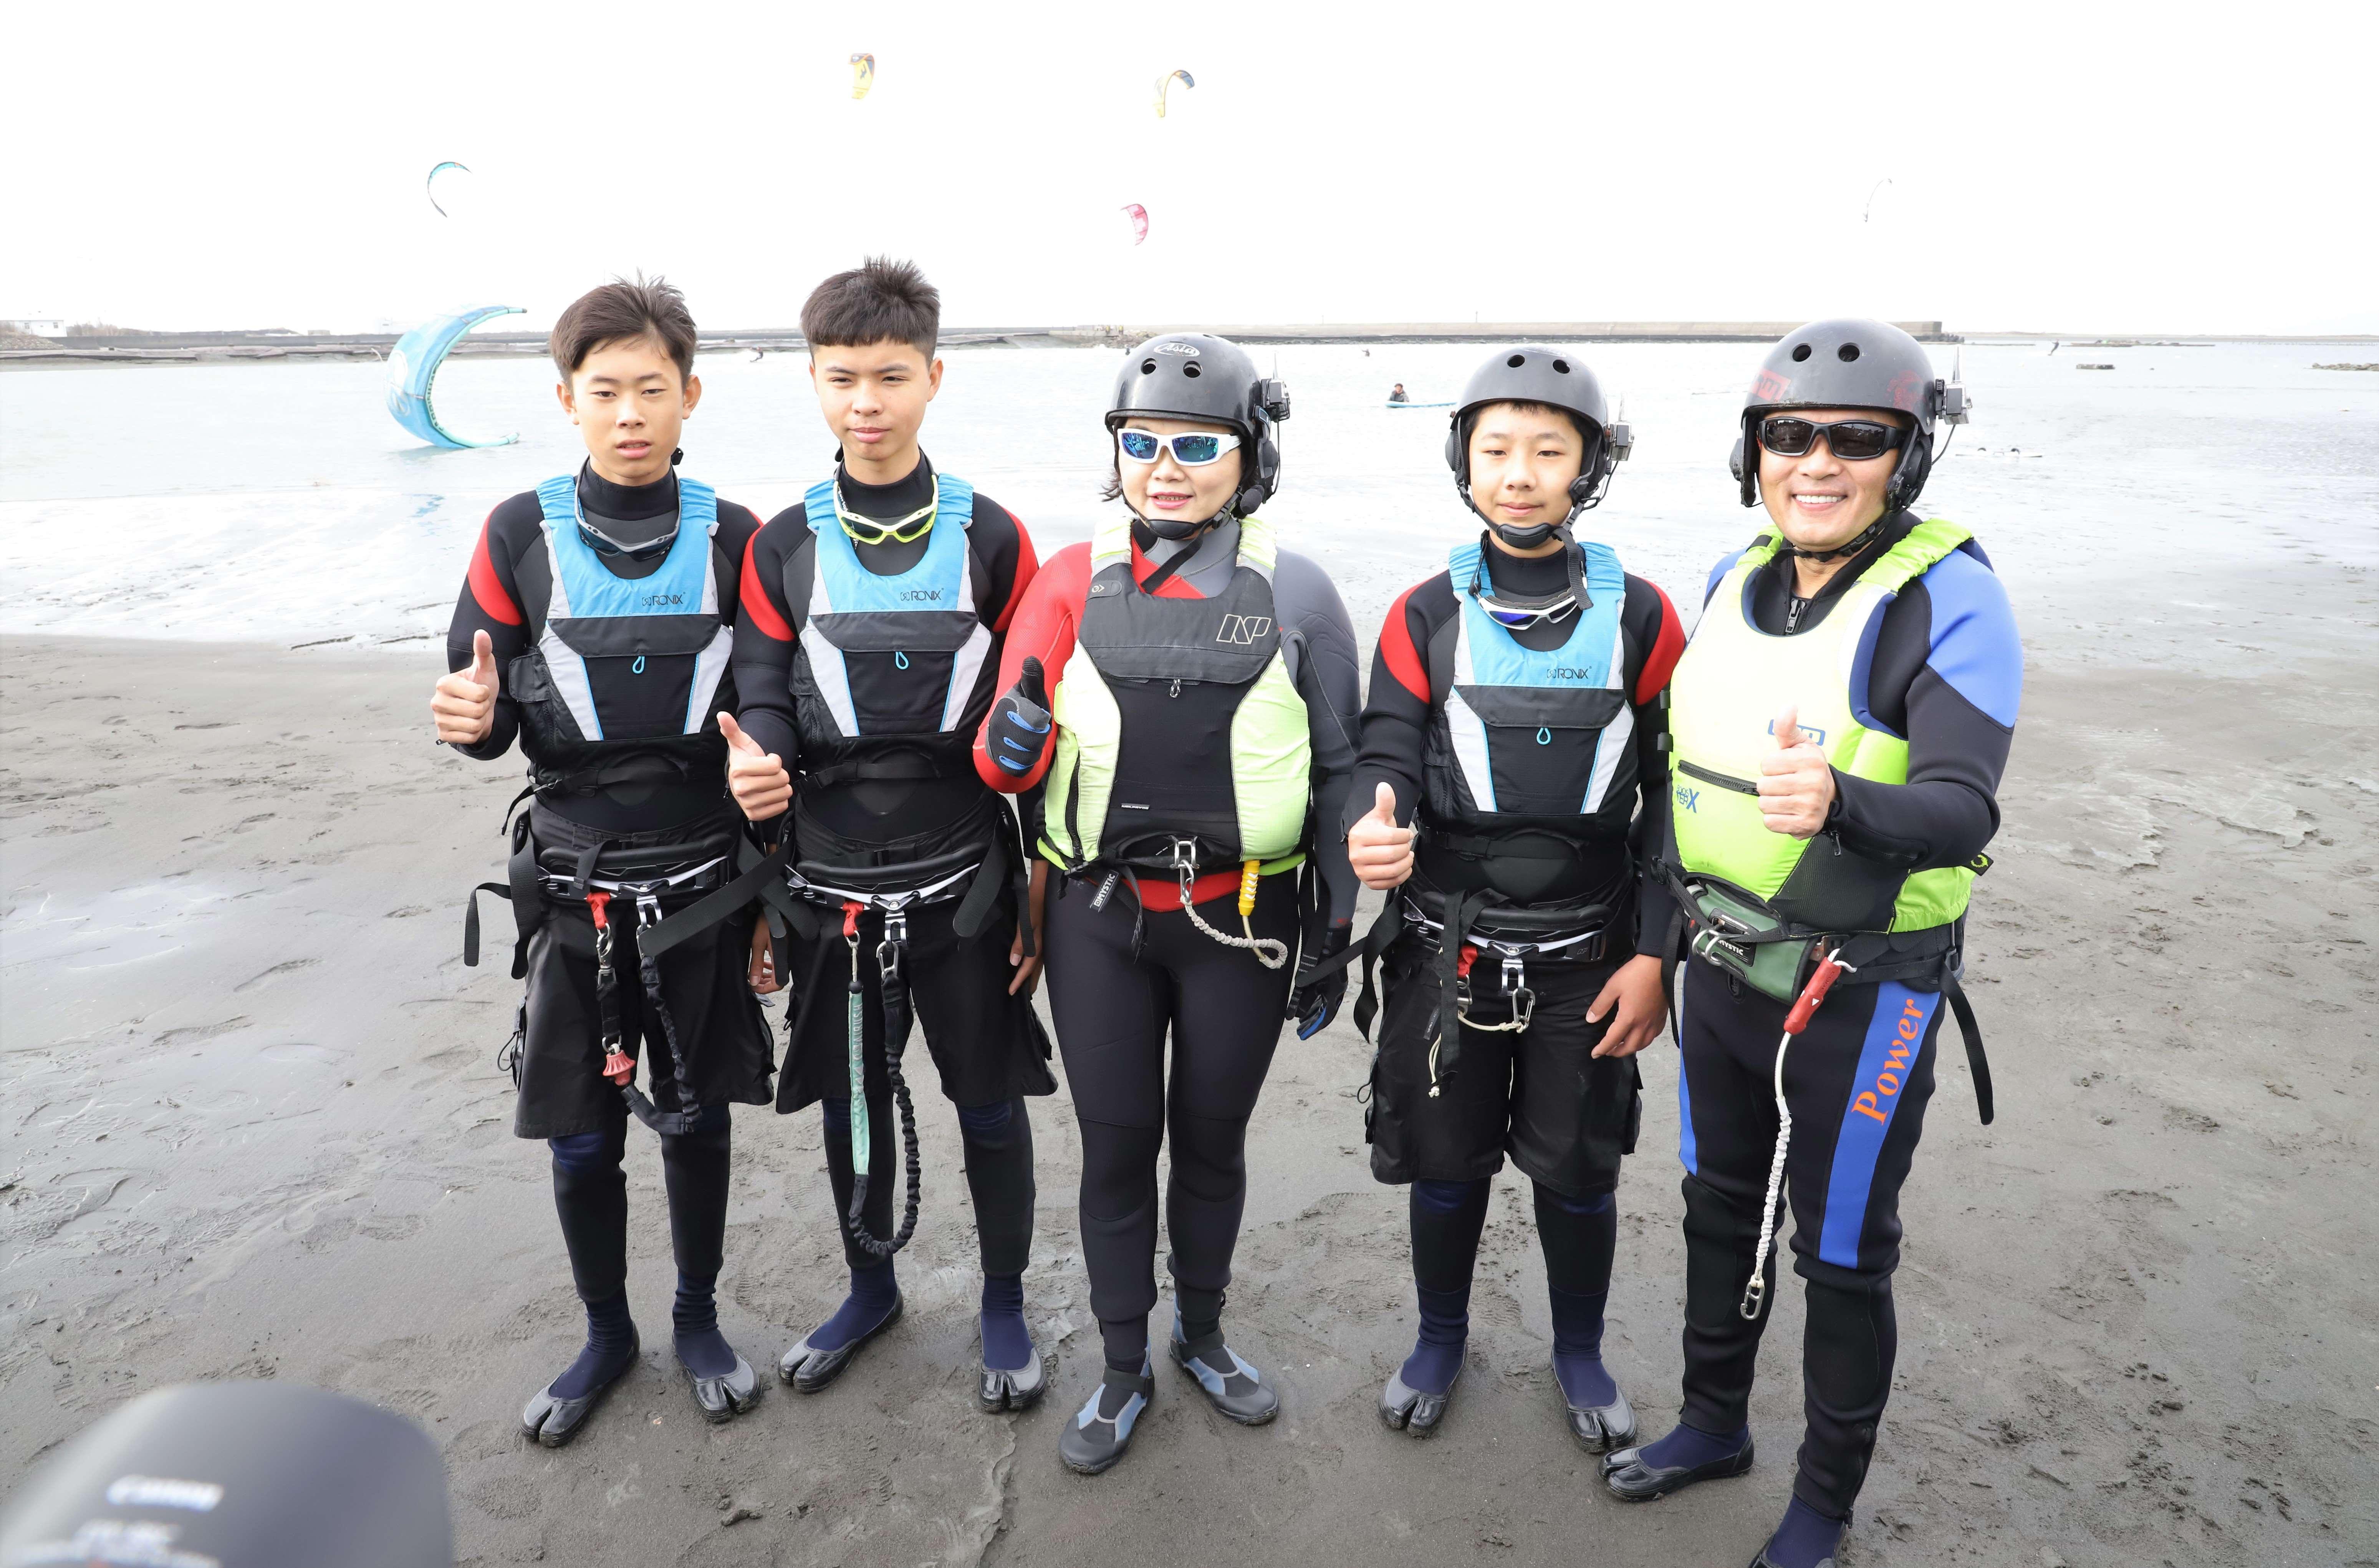 風箏衝浪幾乎沒有年齡限制,國中生也可體驗